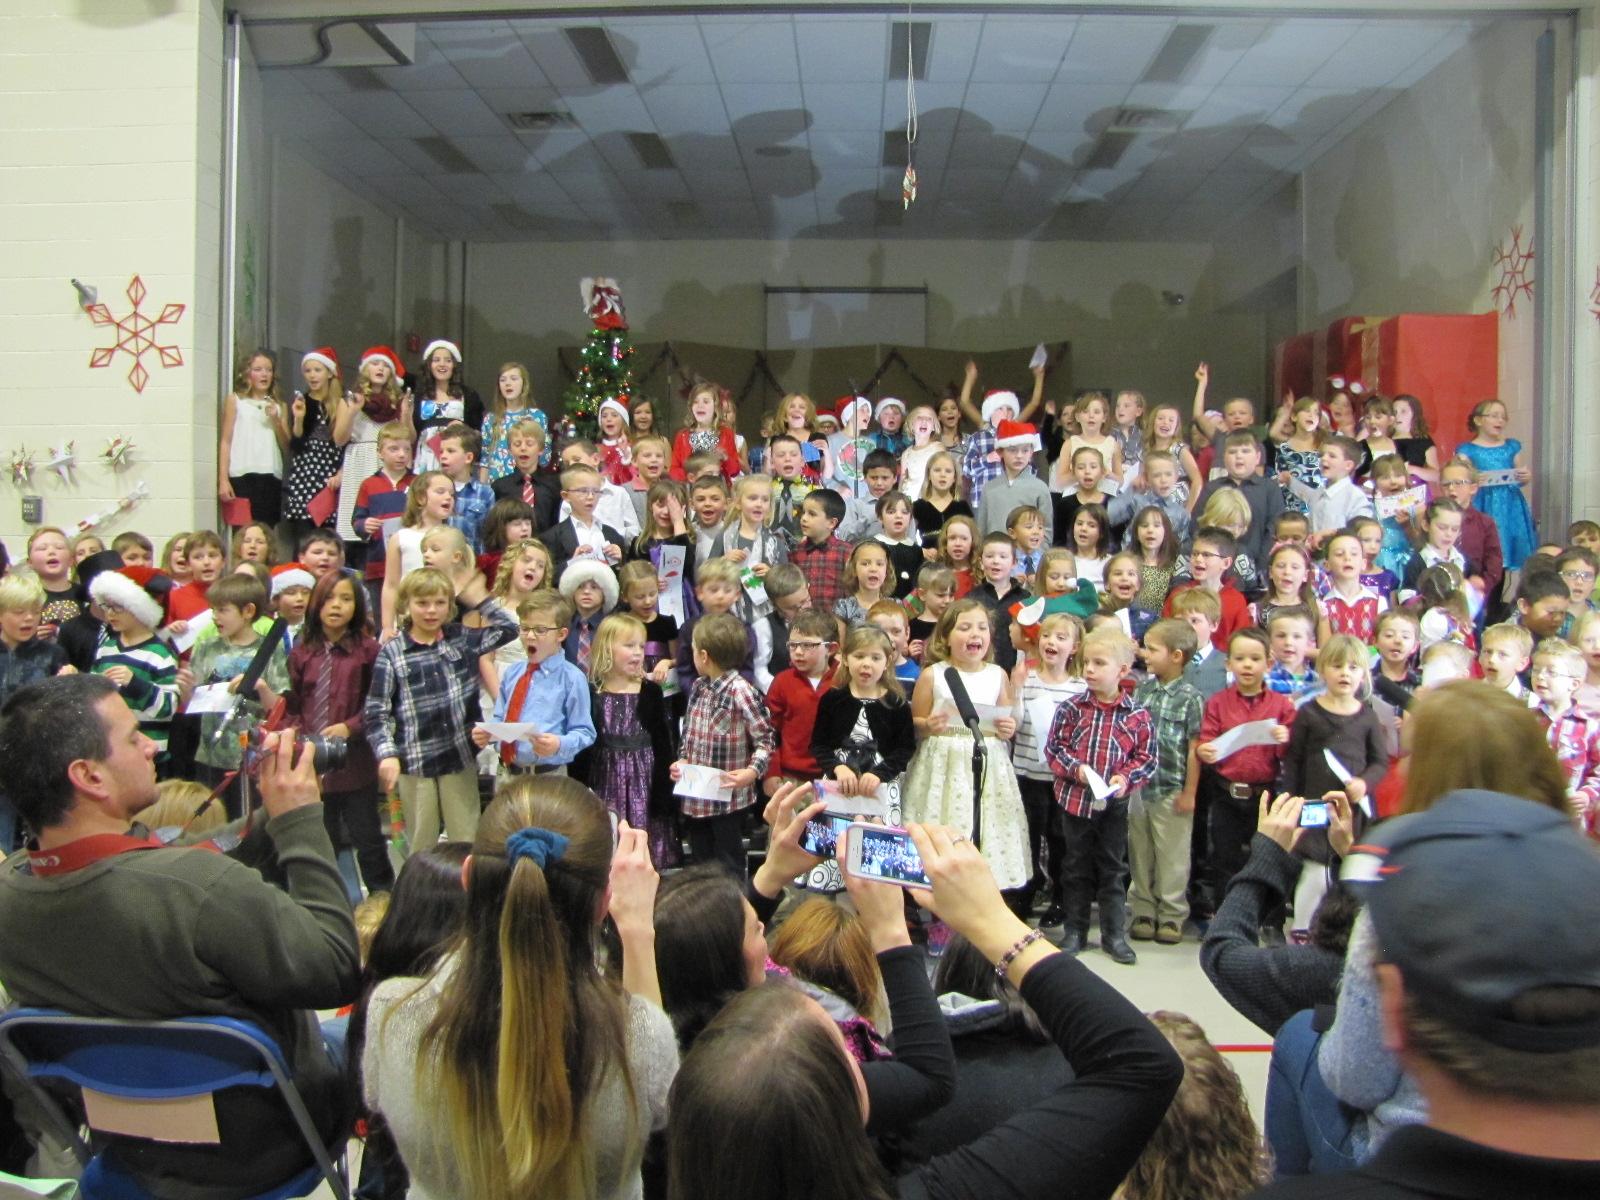 2014-12-17 TV School Christmas Concert 026